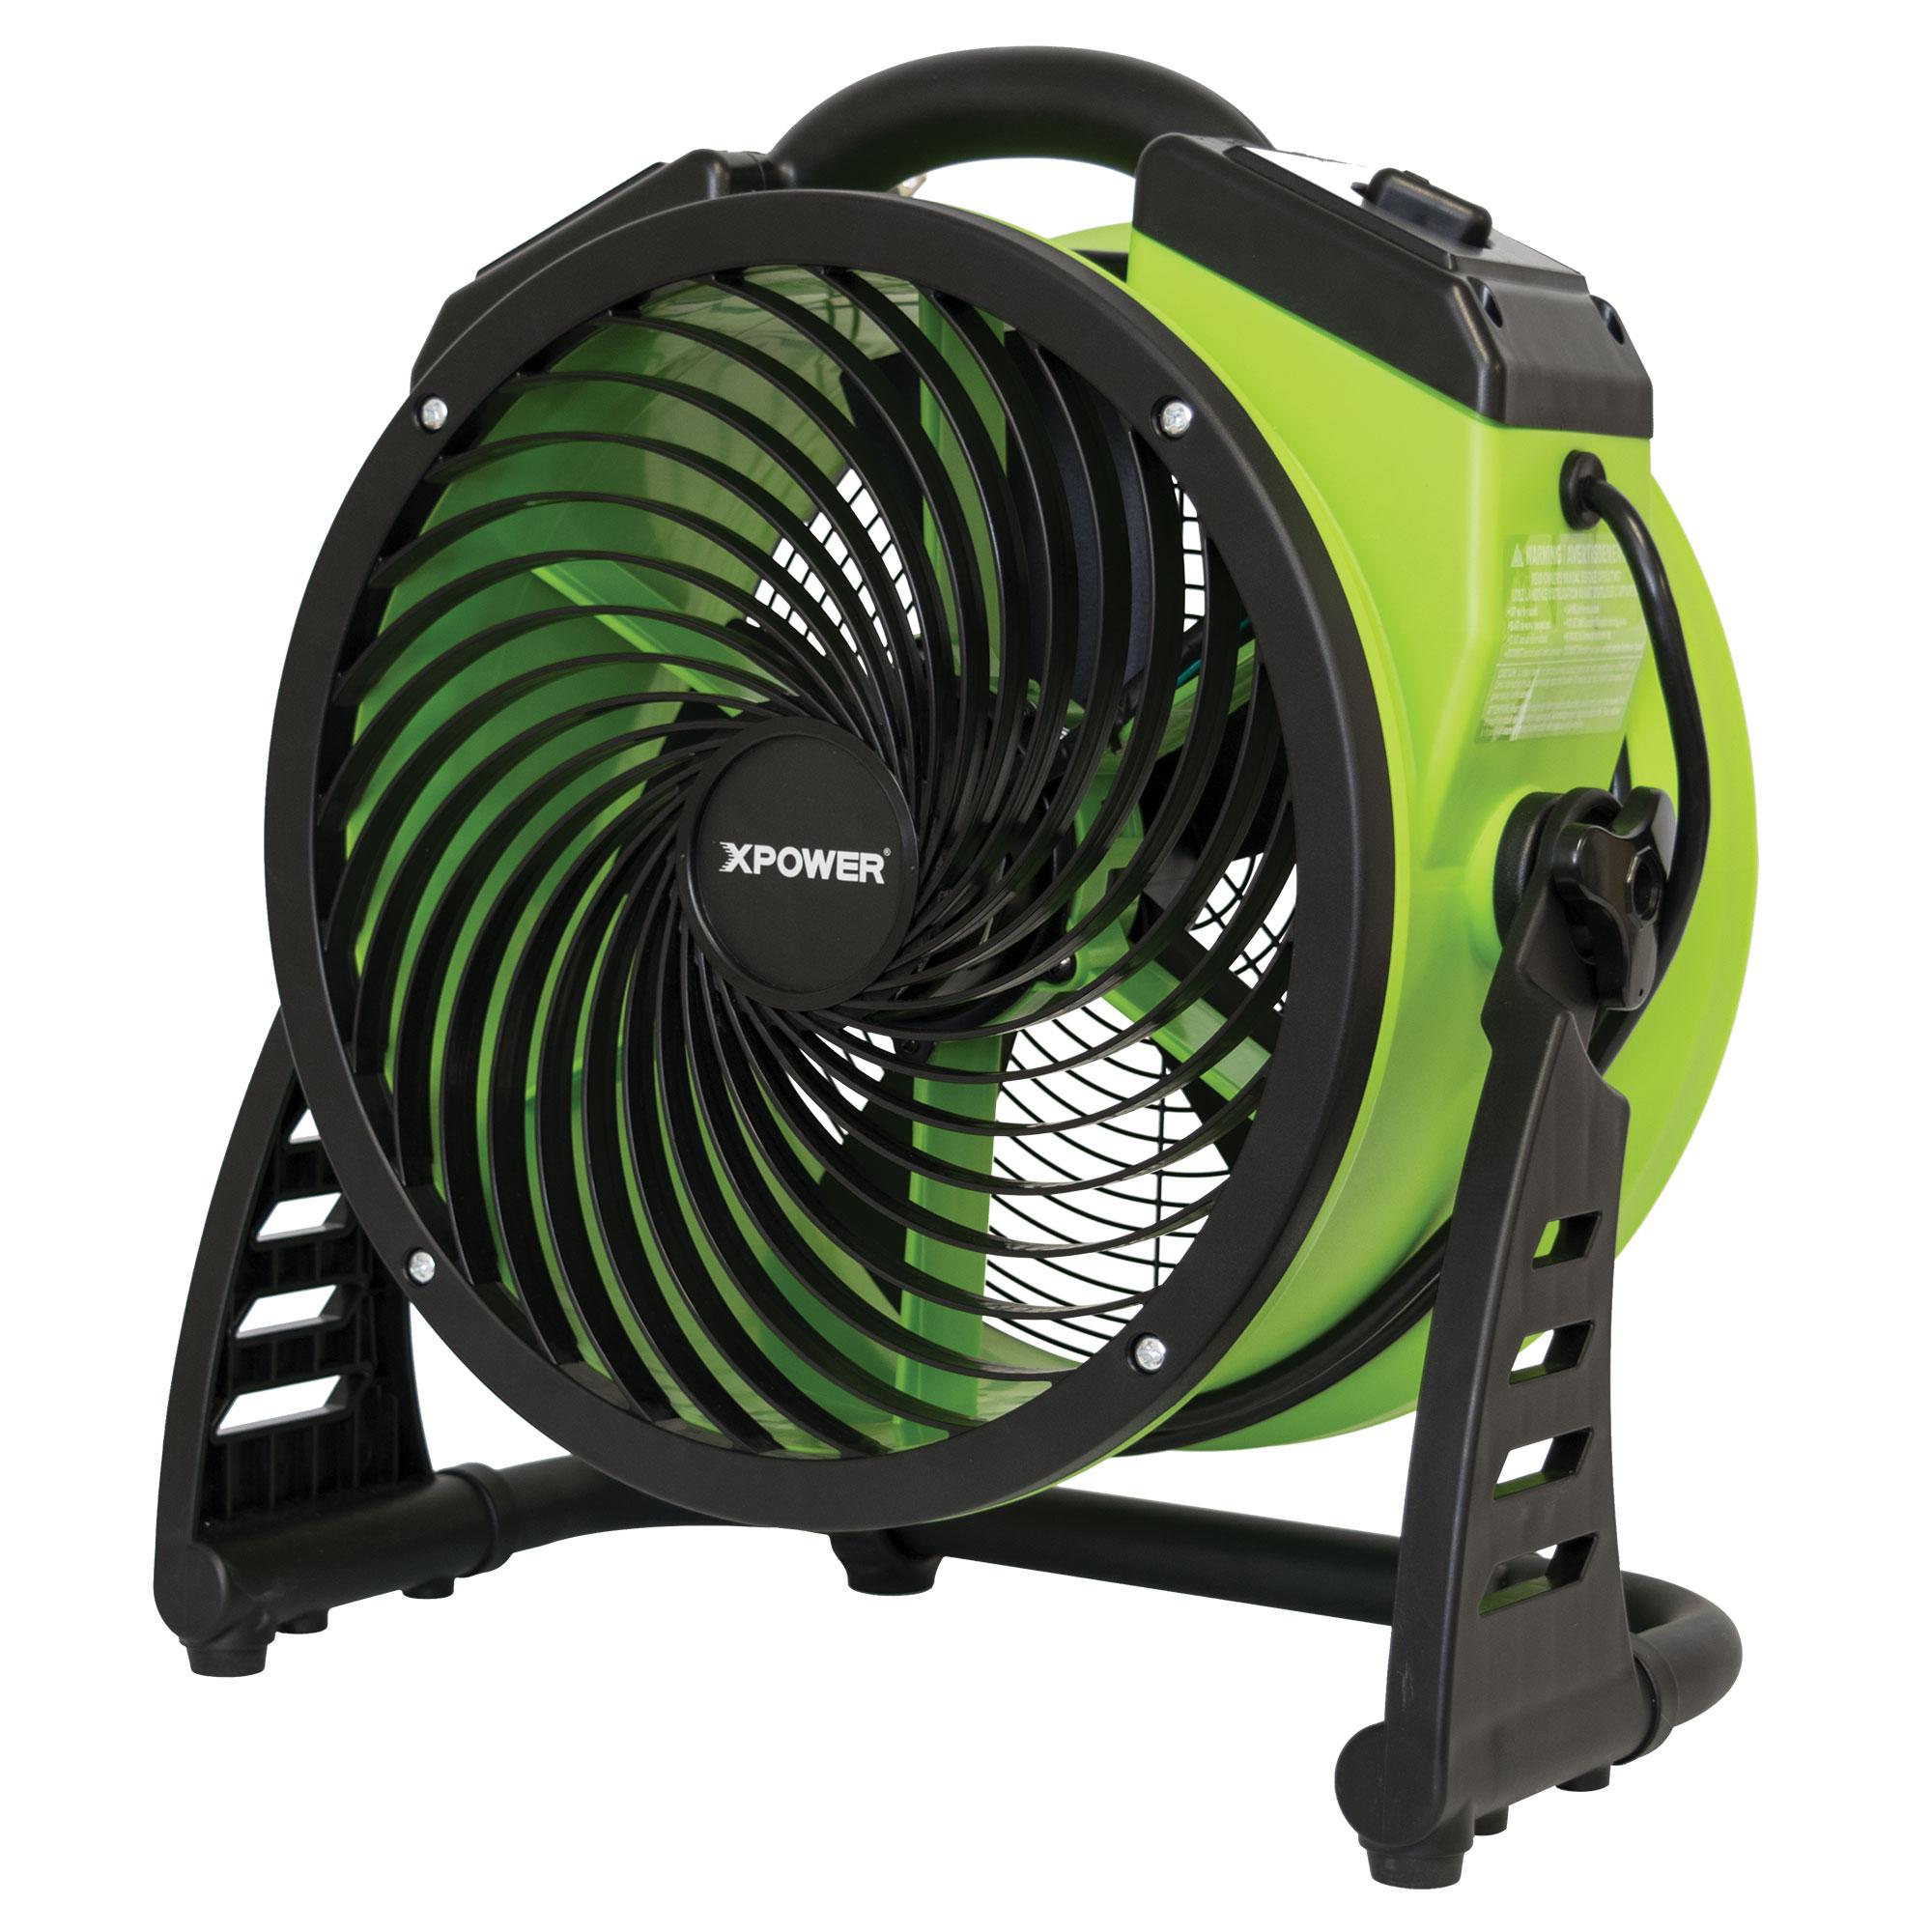 13 Diameter Multipurpose Shop Fan- Green Carpet Dryer Floor Fan XPOWER FC-200 Heavy Duty Whole Room Air Circulator Fan Blower